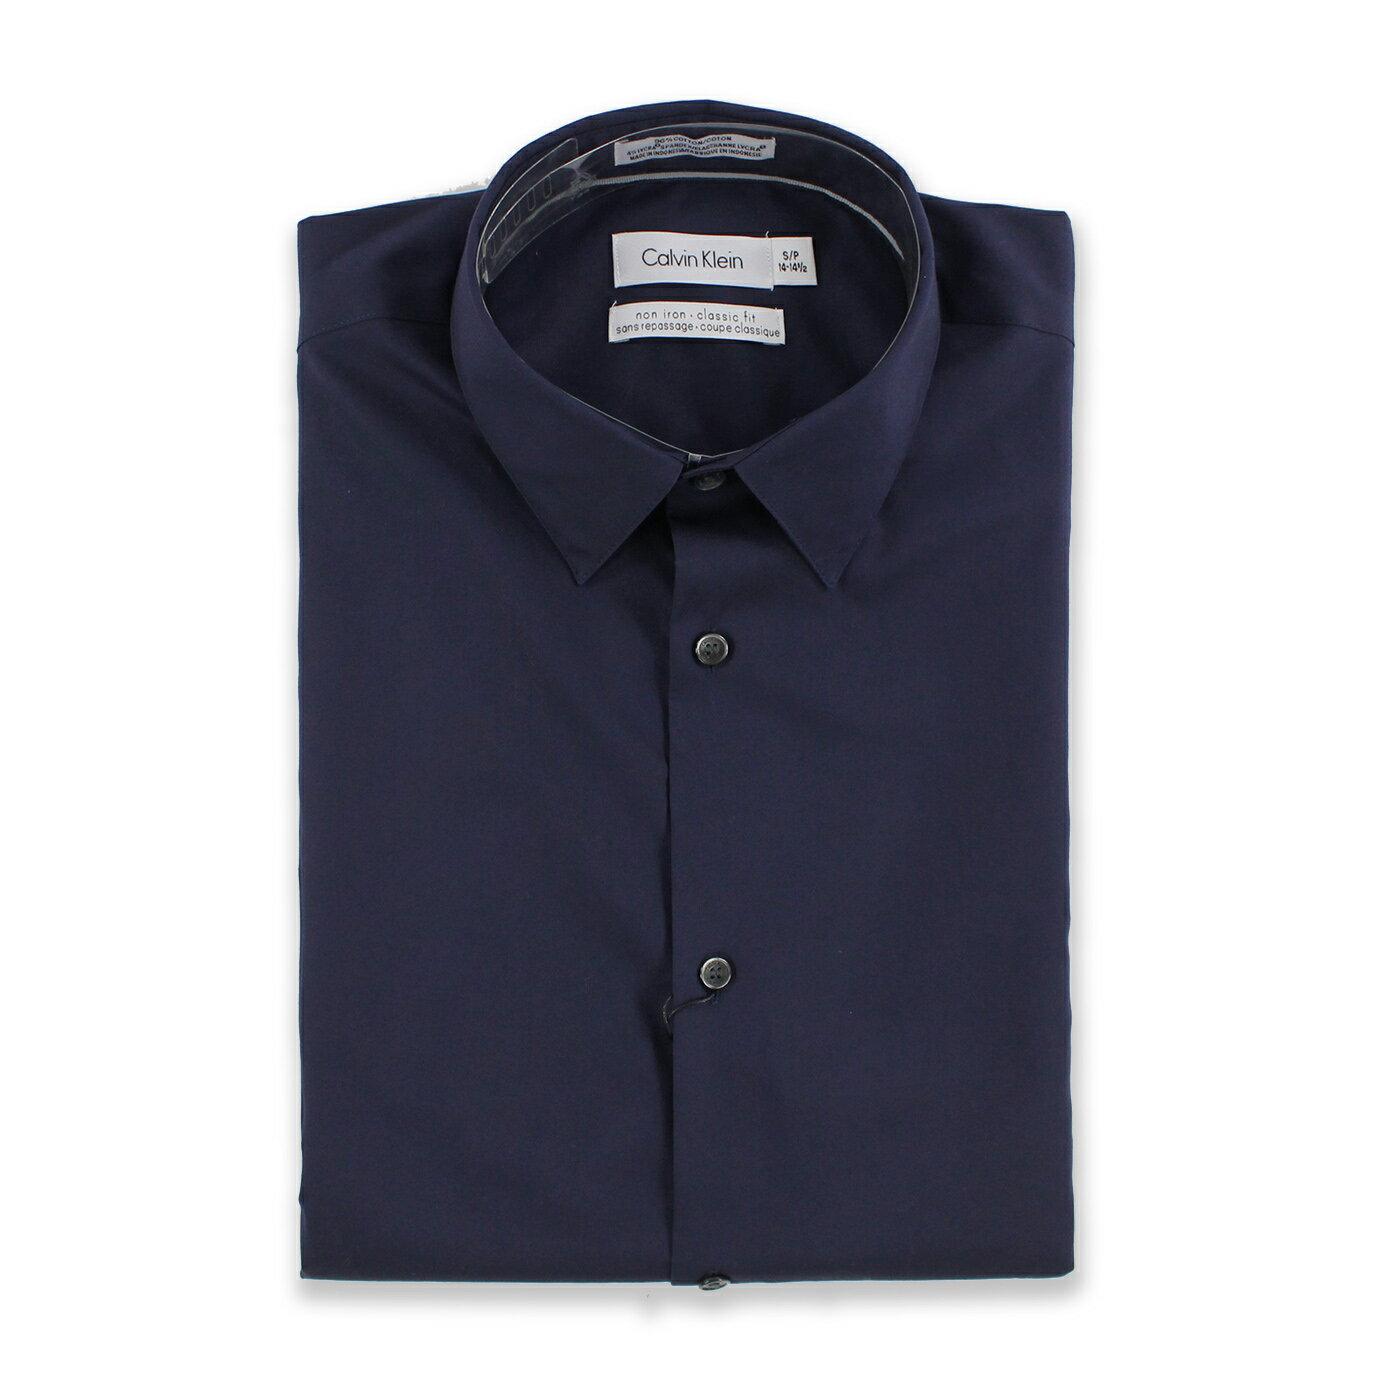 美國百分百【全新真品】Calvin Klein 襯衫 CK 素面 上班 長袖 上衣 工作衫 深藍 S號 C615